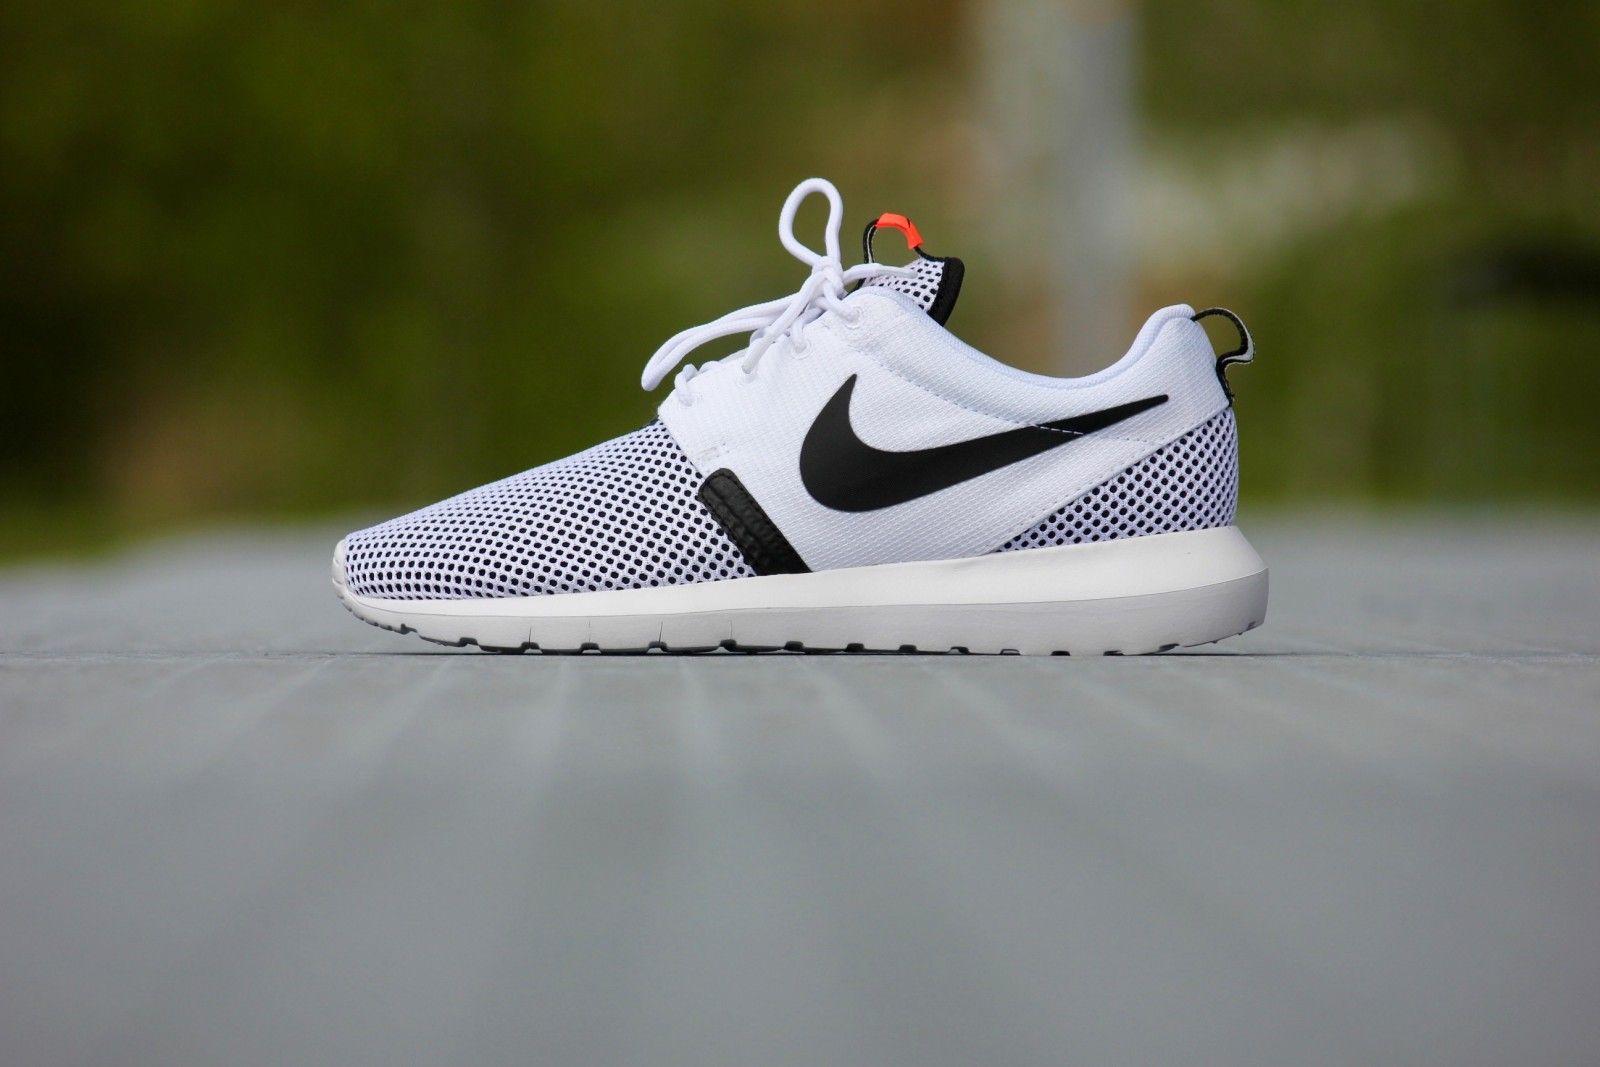 new concept c4a50 3e546 Nike Roshe NM BR White  White Black-Hot Lava - 644425-100